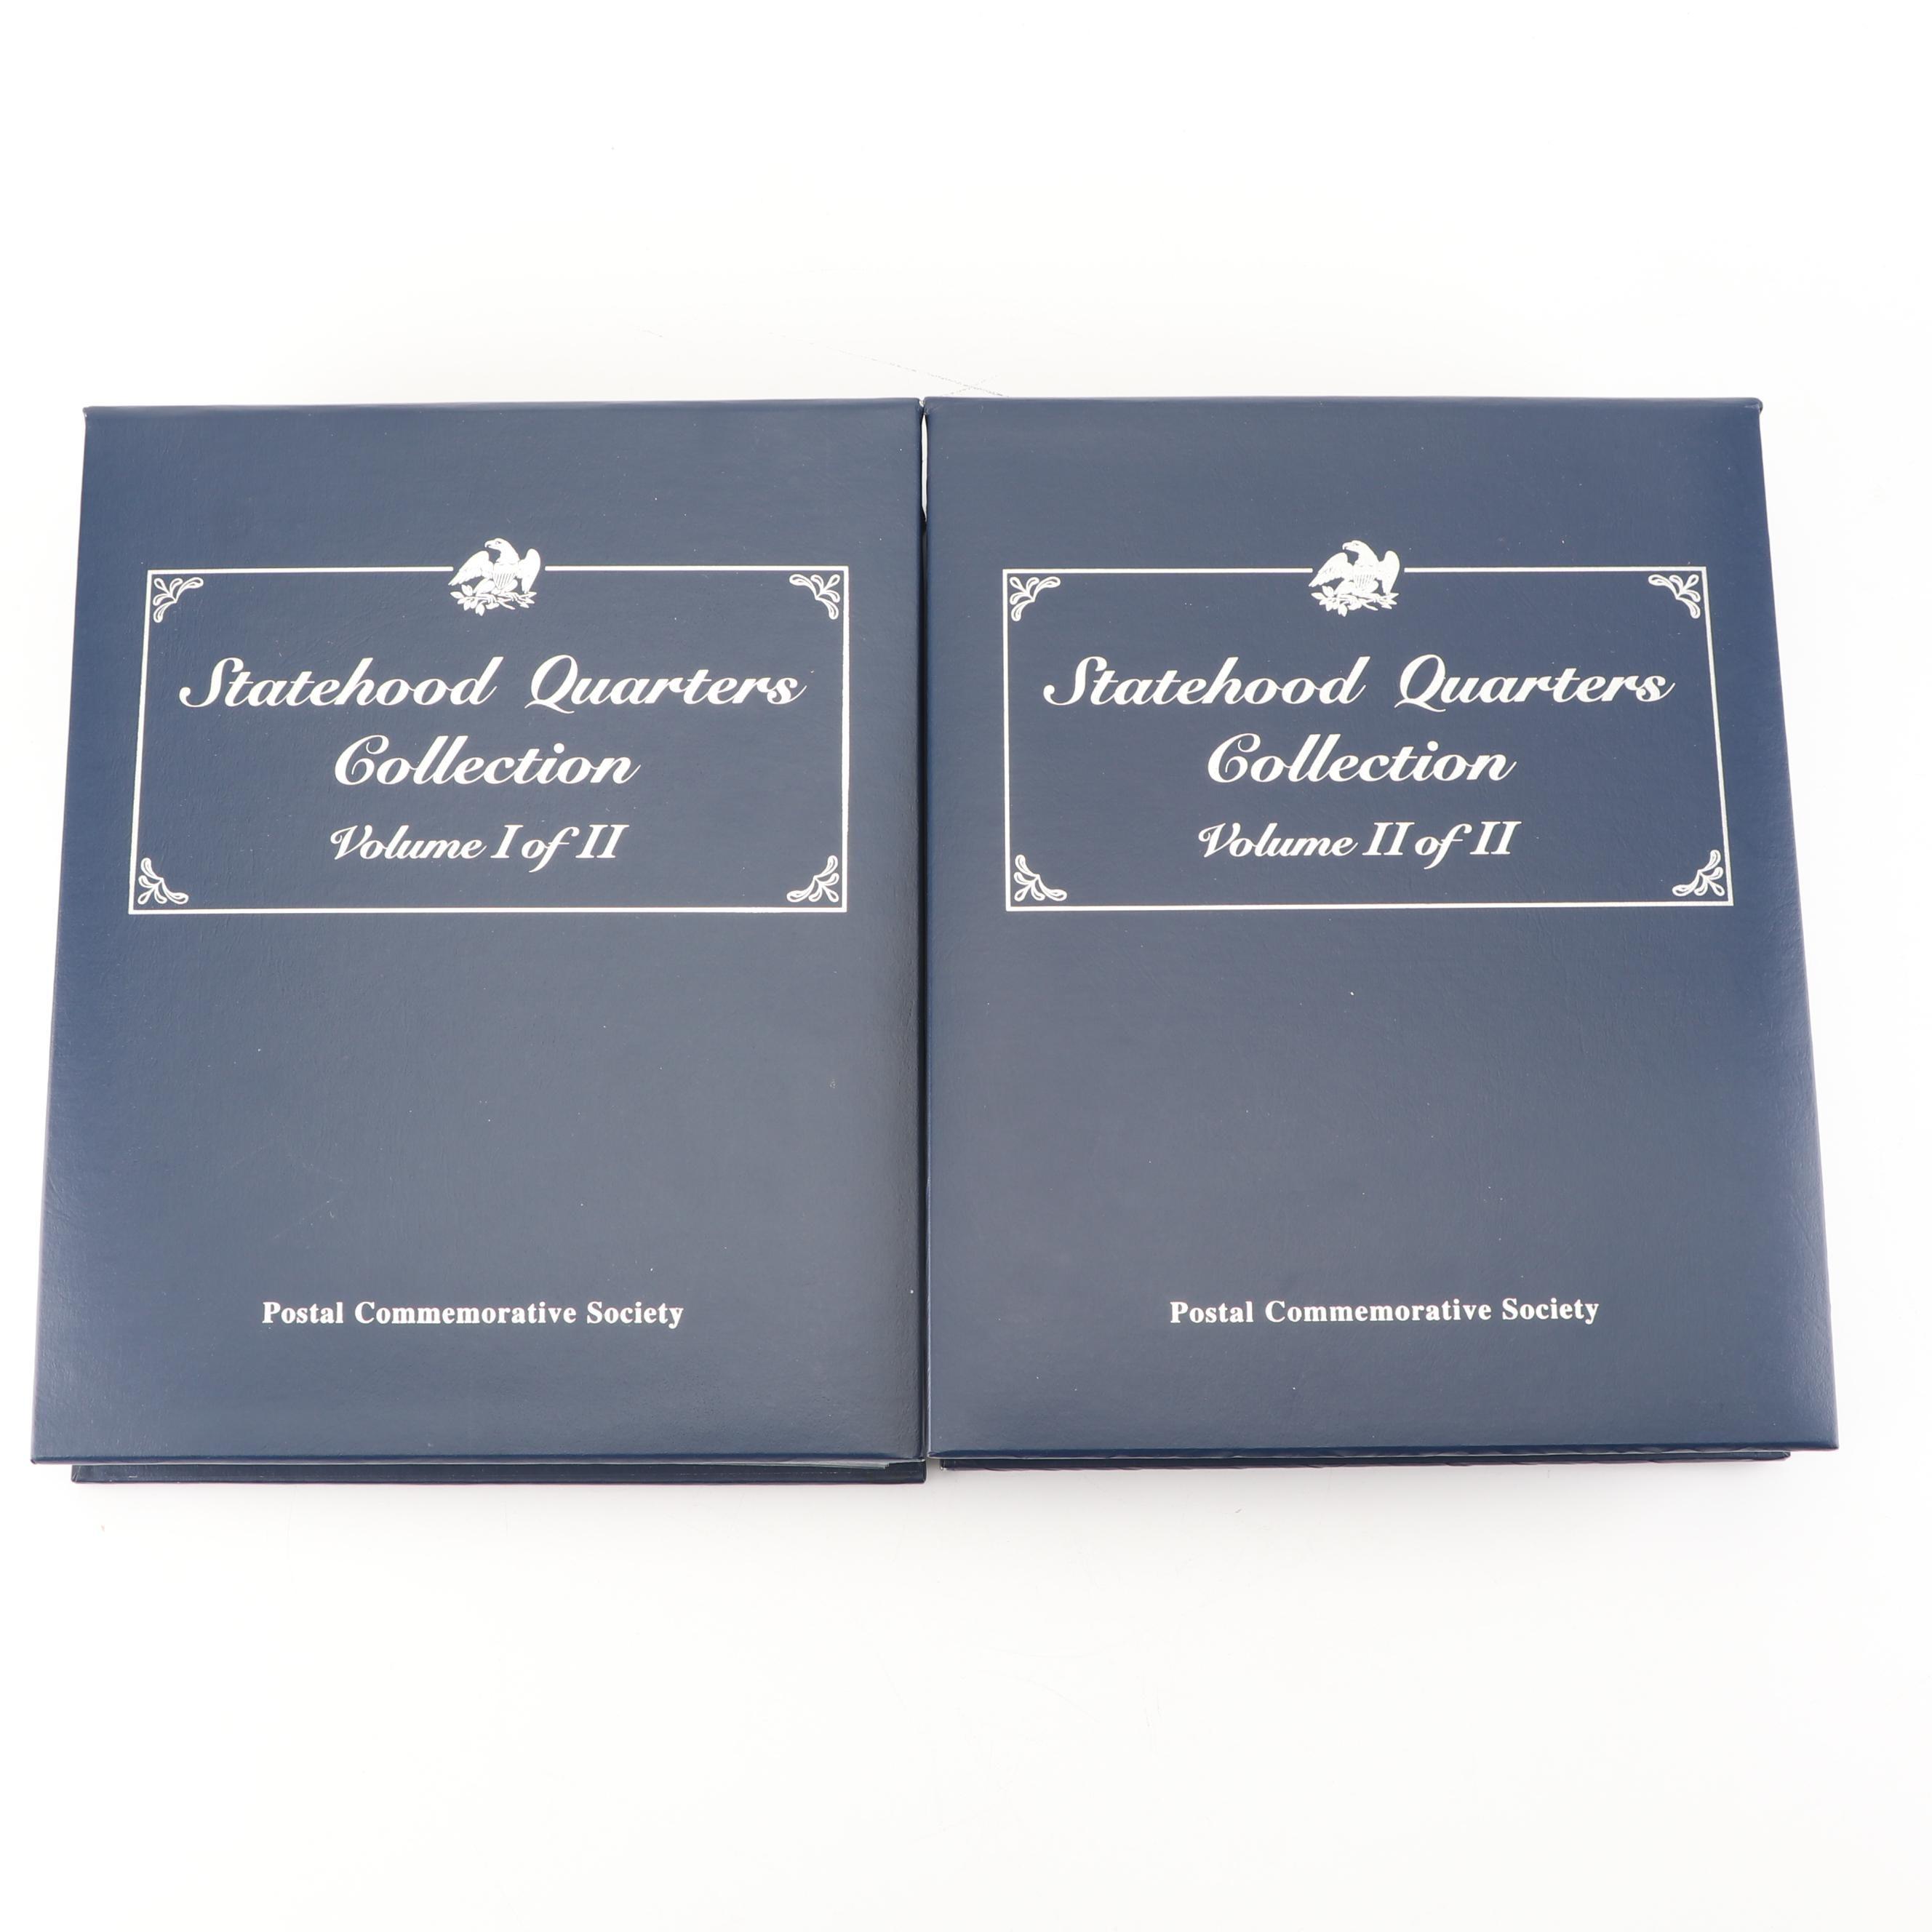 PCS Statehood Quarter Collection Albums